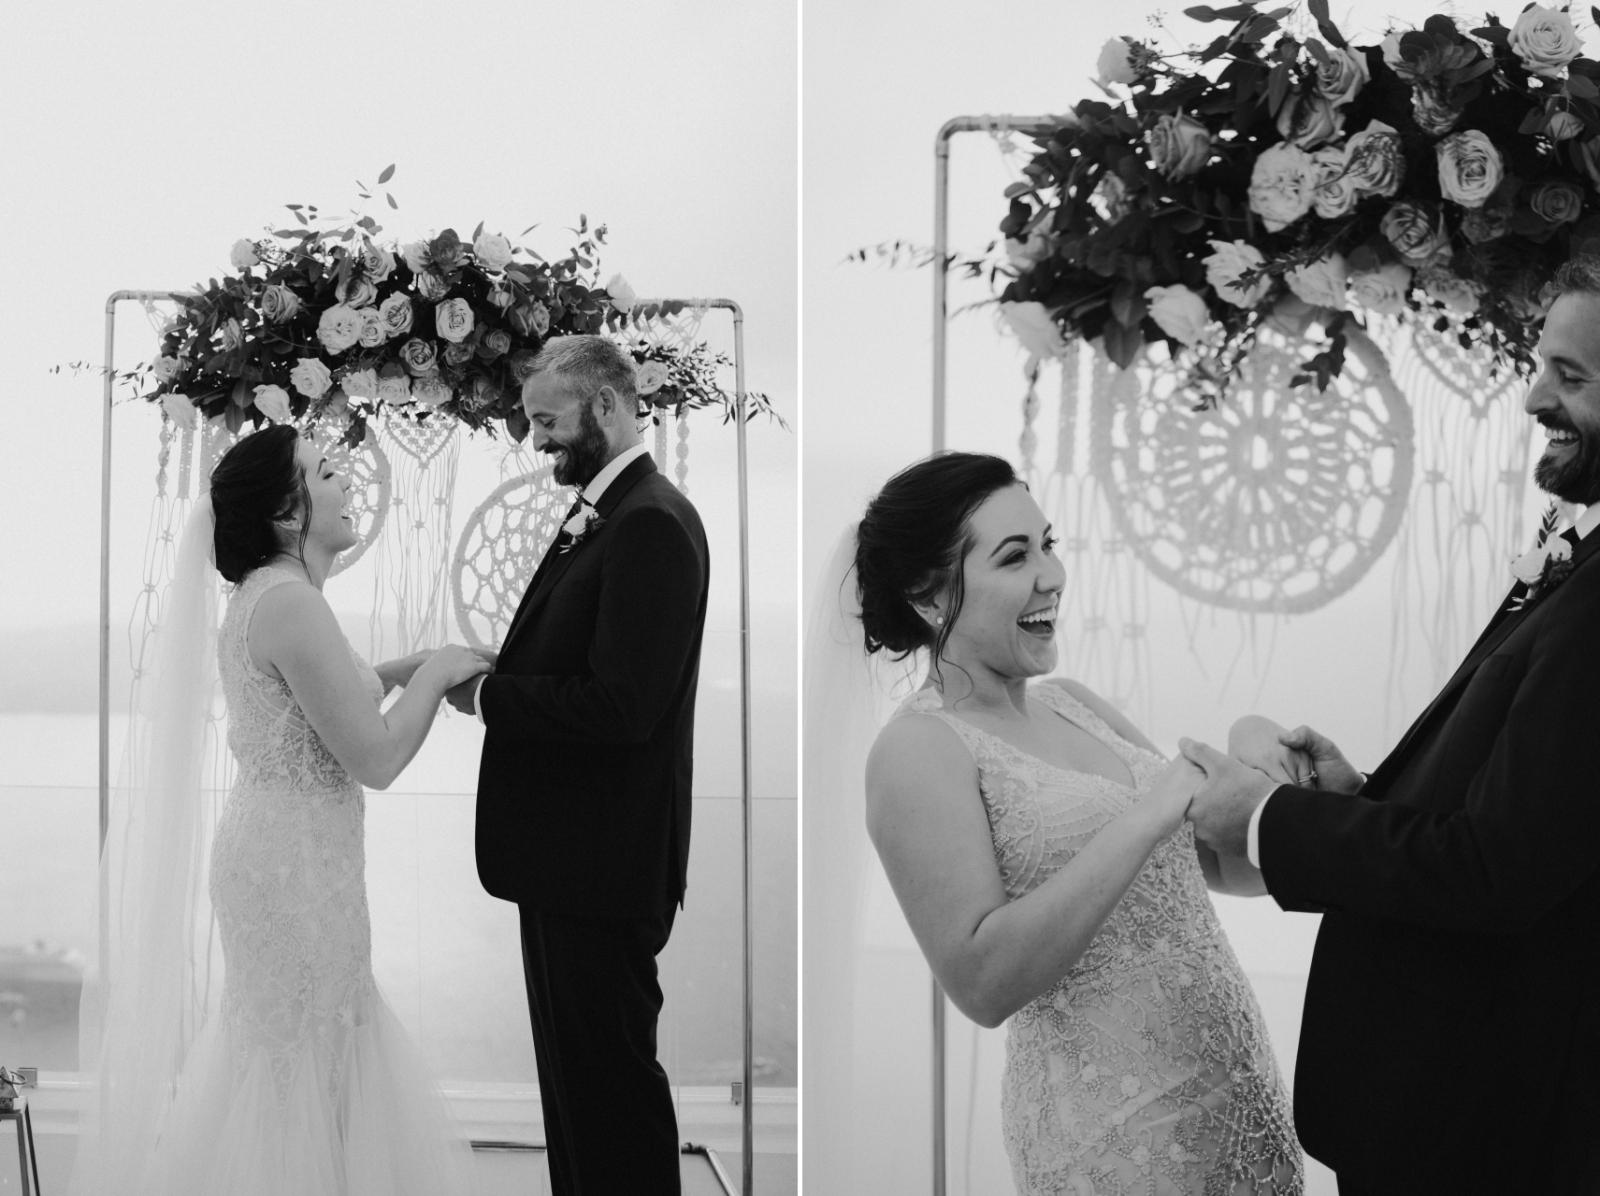 santorini-wedding-photographer55.jpg